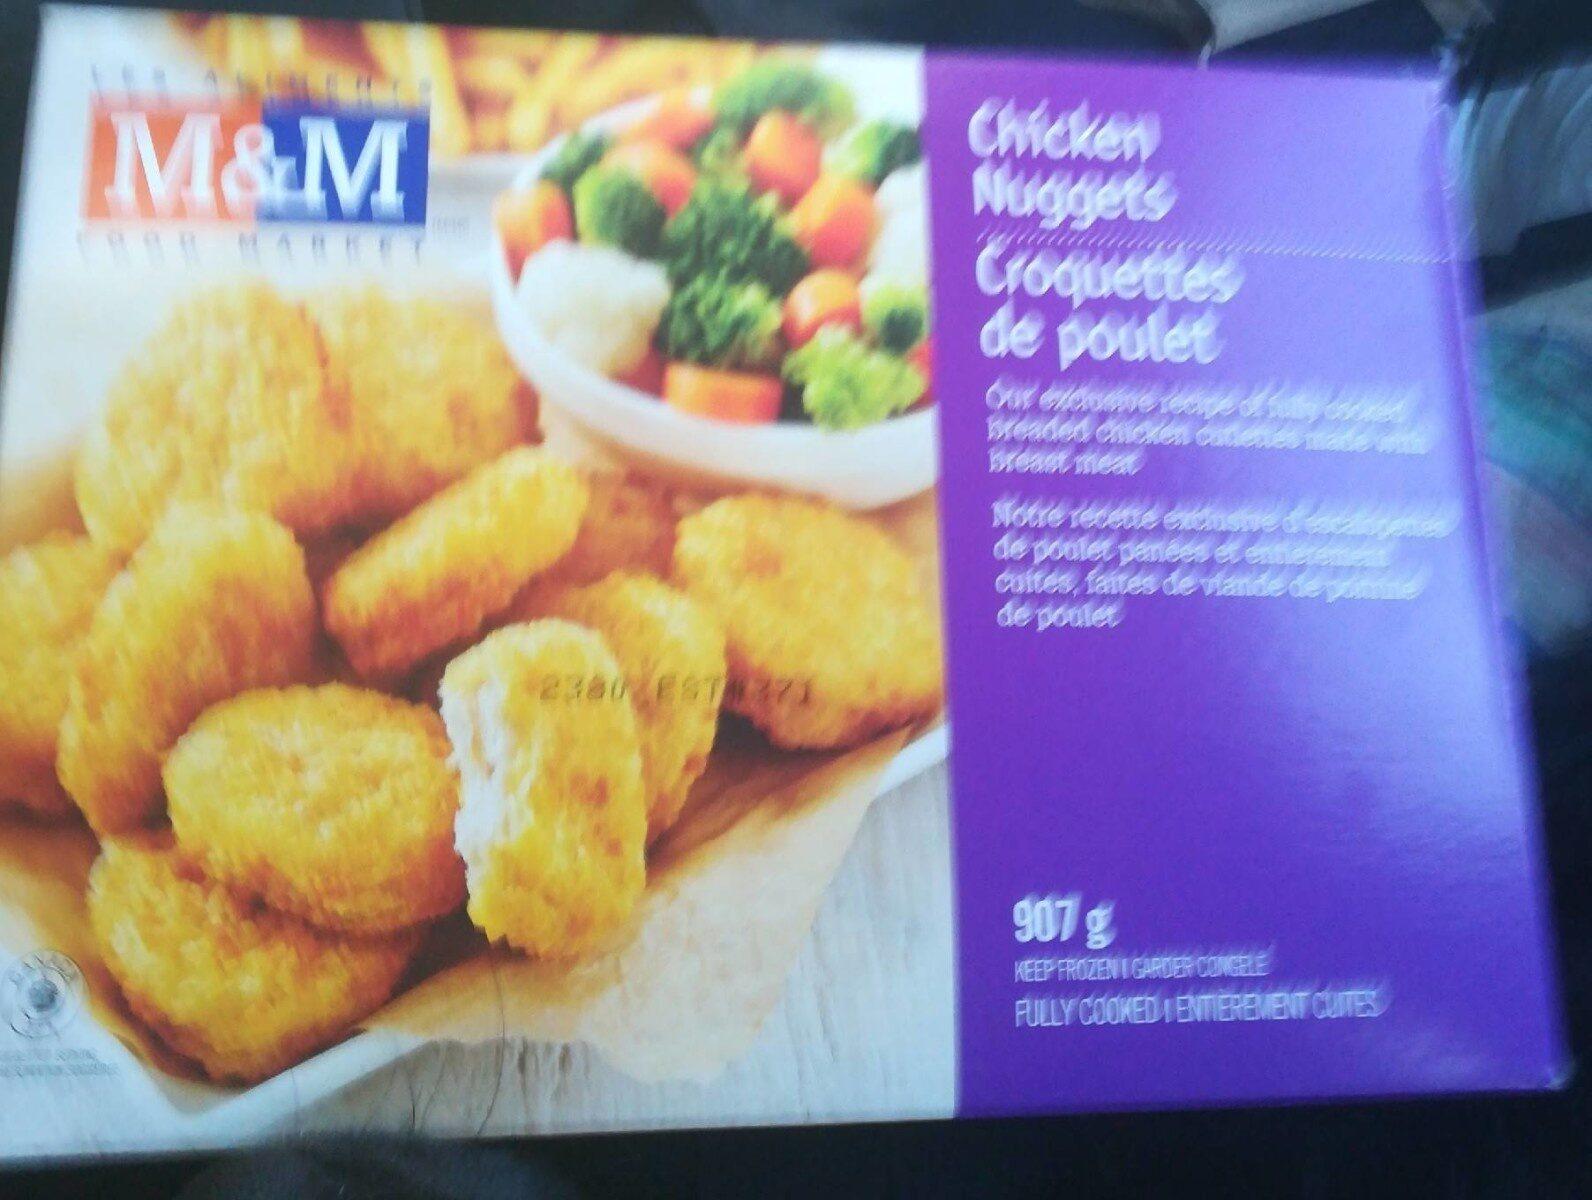 Croquettes de poulet - Product - fr